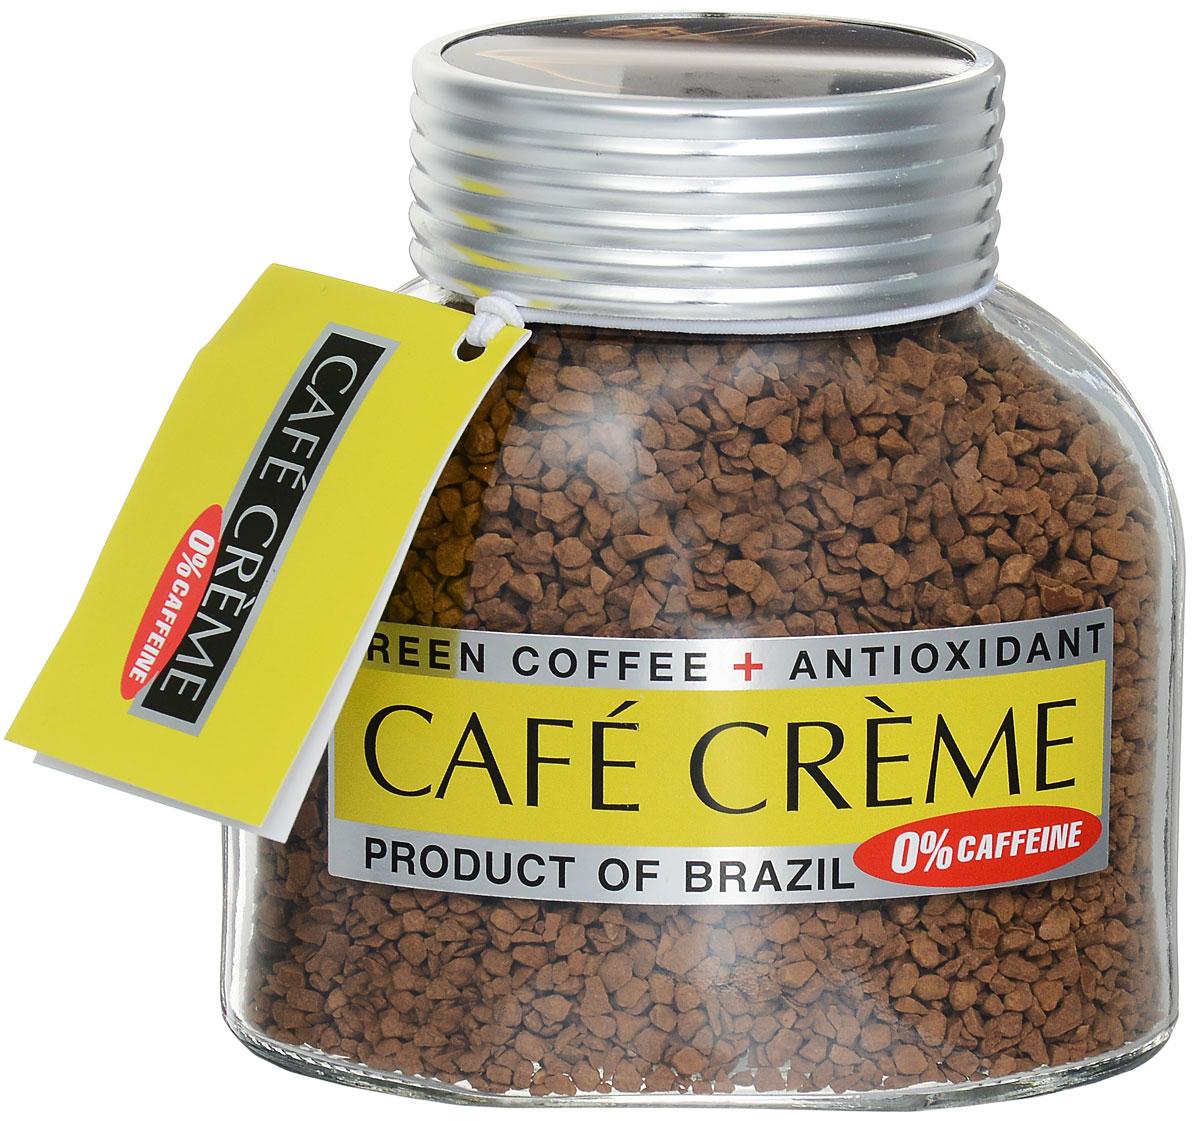 Cafe Creme декофеинизированный растворимый кофе, 100 г4607141337567Cafe Creme идеален для приготовления Кафе де манья- завтрака по-бразильски, состоящего из одной чашечки очень горячего и очень крепкого кофе. Добавив две чайные ложечки меда и лимонный сок по вкусу, можно приготовить легендарный напиток здоровья и долголетия, укрепляющий иммунитет. Именно его употребляют в течение дня жители Эспирито-Санто, горной местности на юго-востоке Бразилии, где произрастает один из лучших сортов бразильской арабики. Кроме того, этот кофе не содержит кофеина!